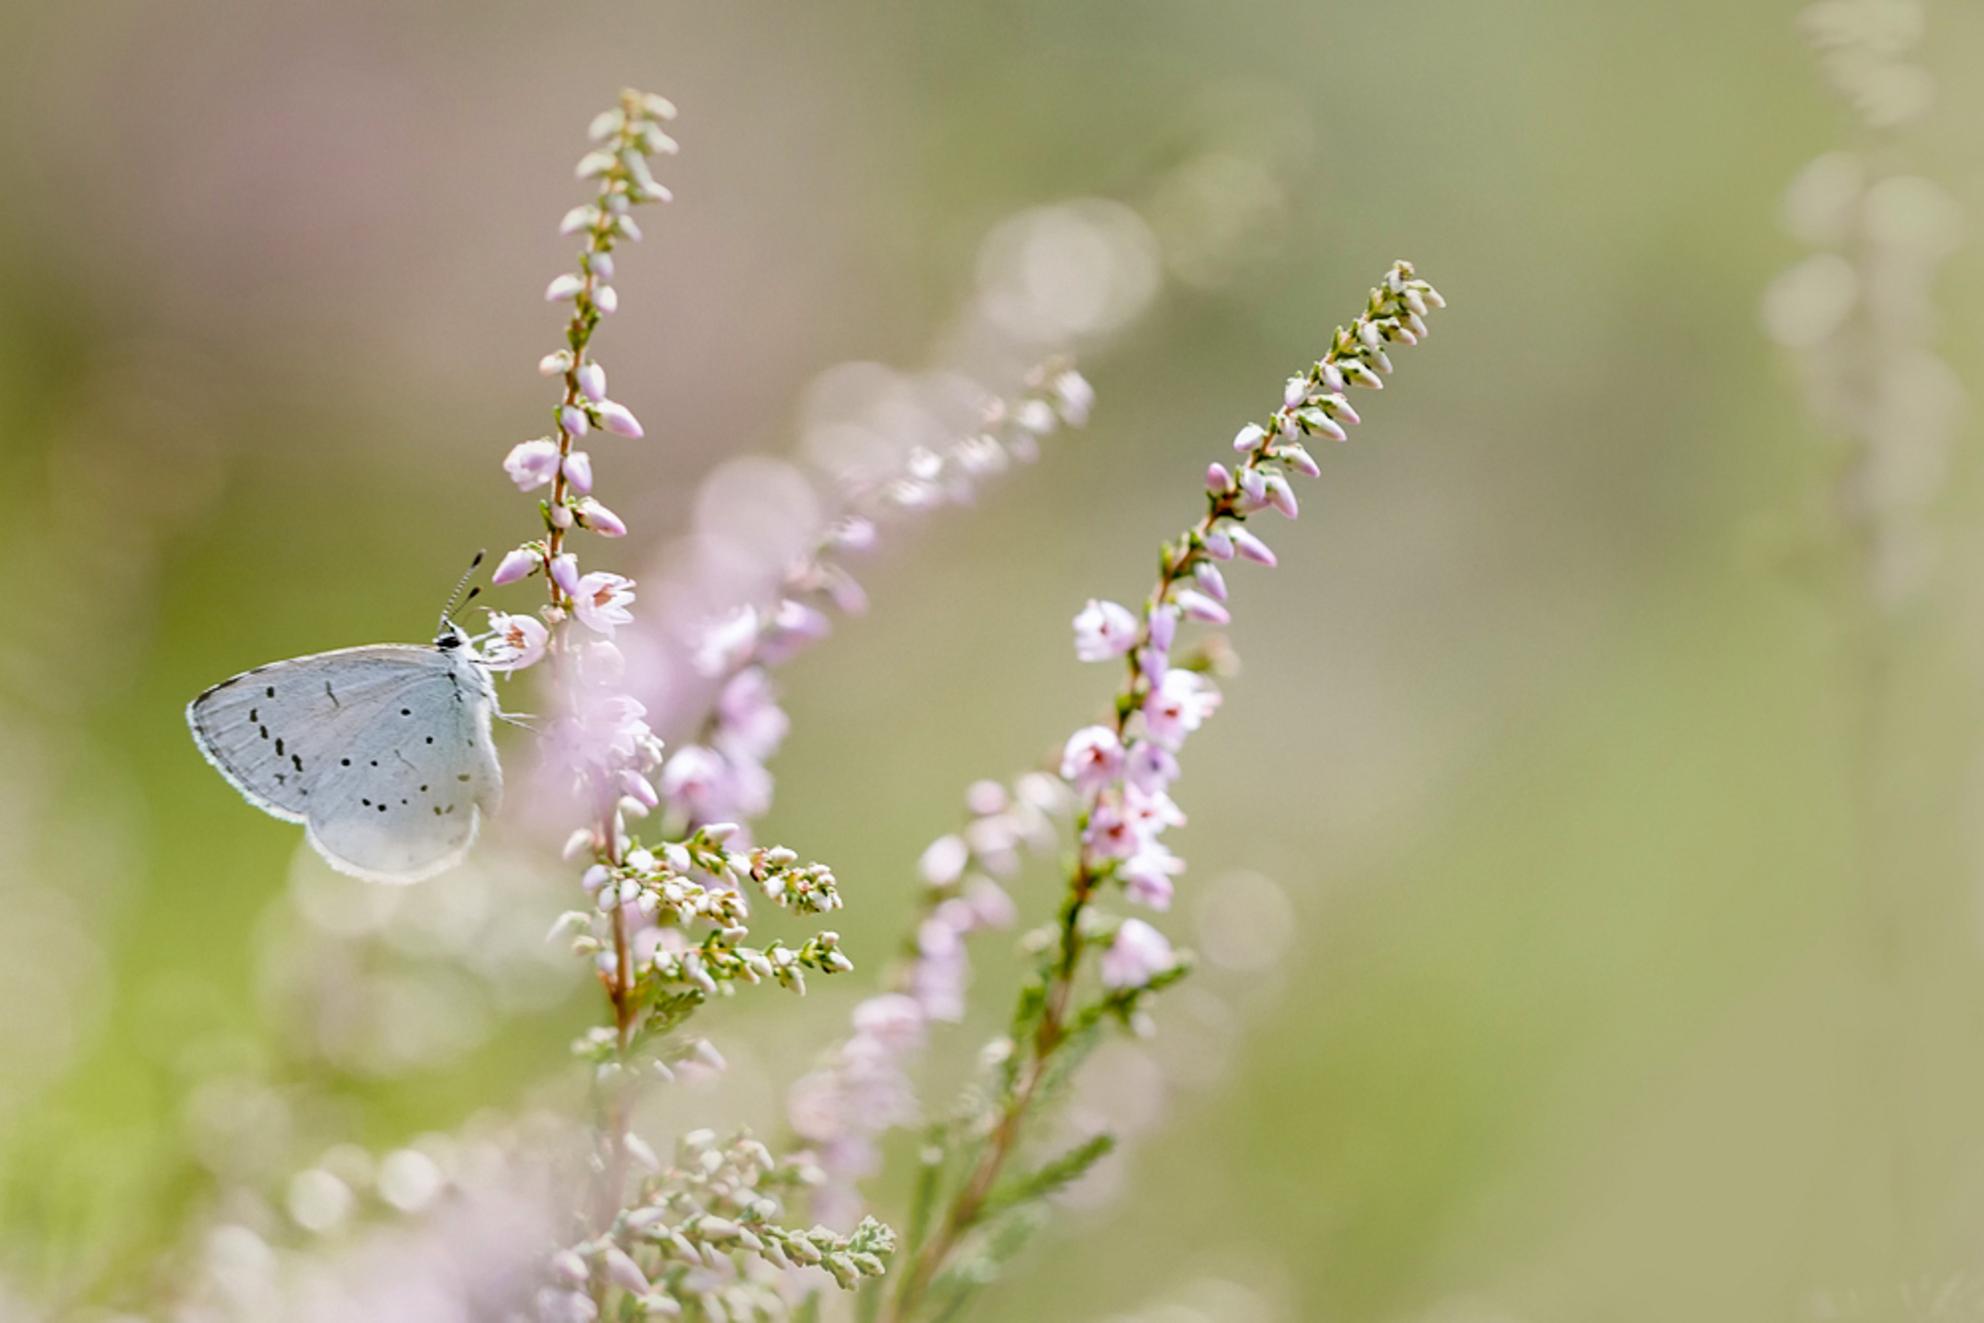 boomblauwtje - een bezoekje gebracht aan de heemtuin in Rucphen, zeer de moeite waard als je daar een beetje in de buurt woont, is een prachtige tuin! - foto door MvanDijk op 31-07-2017 - deze foto bevat: roze, groen, paars, macro, blauw, bloem, natuur, vlinder, blauwtje, geel, licht, boomblauwtje, zomer, dof, heemtuin, bokeh, Zoom.nl